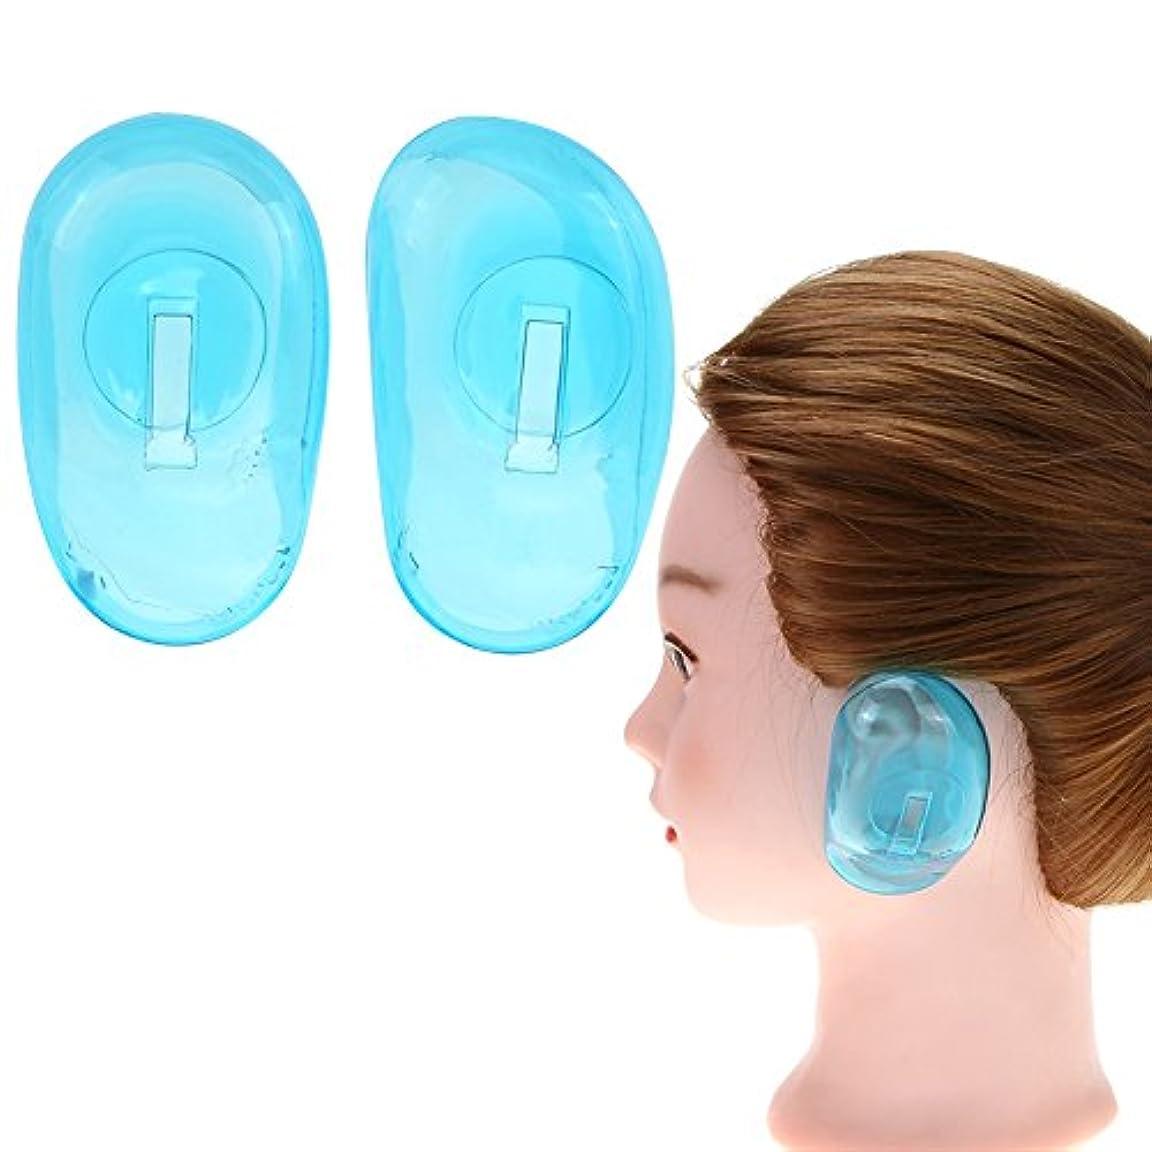 ファブリック劣るジャムRuier-tong 1ペア耳カバー 毛染め用 シリコン製 耳キャップ 柔らかいイヤーキャップ ヘアカラー シャワー 耳保護 ヘアケアツール サロン 洗える 繰り返す使用可能 エコ 8.5x5cm